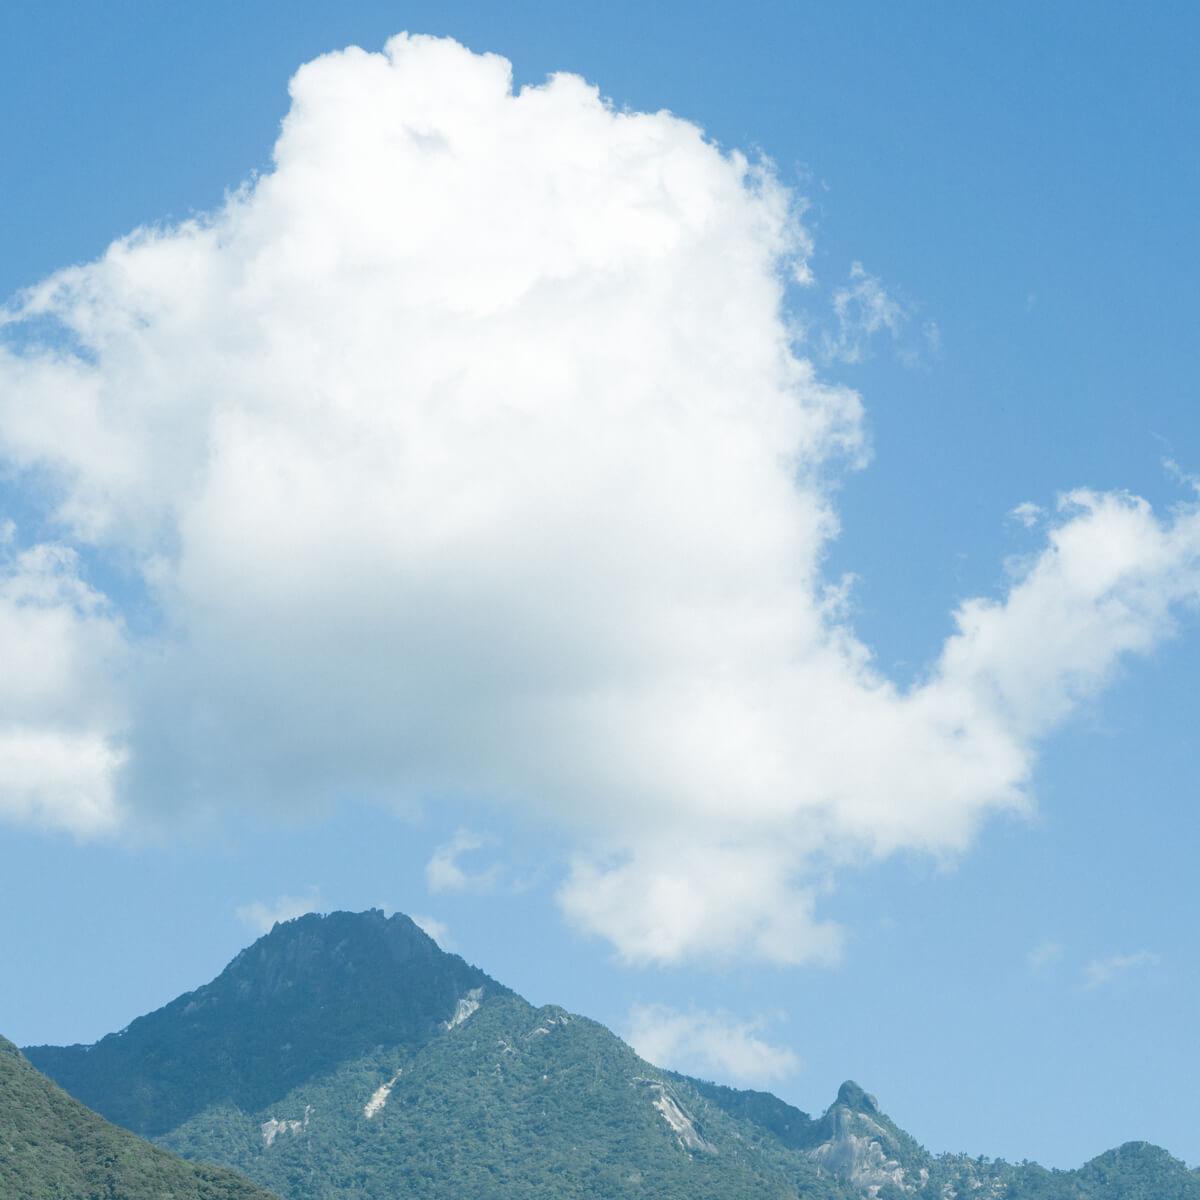 屋久島の空、山々、雲 屋久島日々の暮らしとジュエリー、オーダーメイドマリッジリングのモチーフ